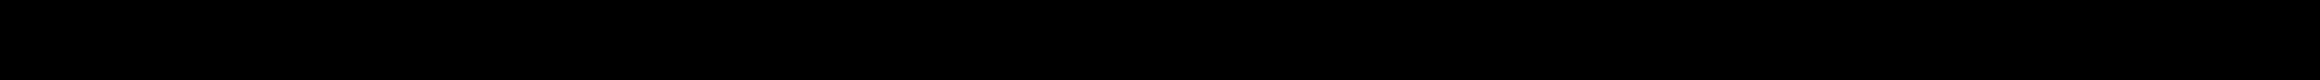 VICMA 81102-B20T0-00, 33652-LBA7-E00 Lampglas, knipperlamp